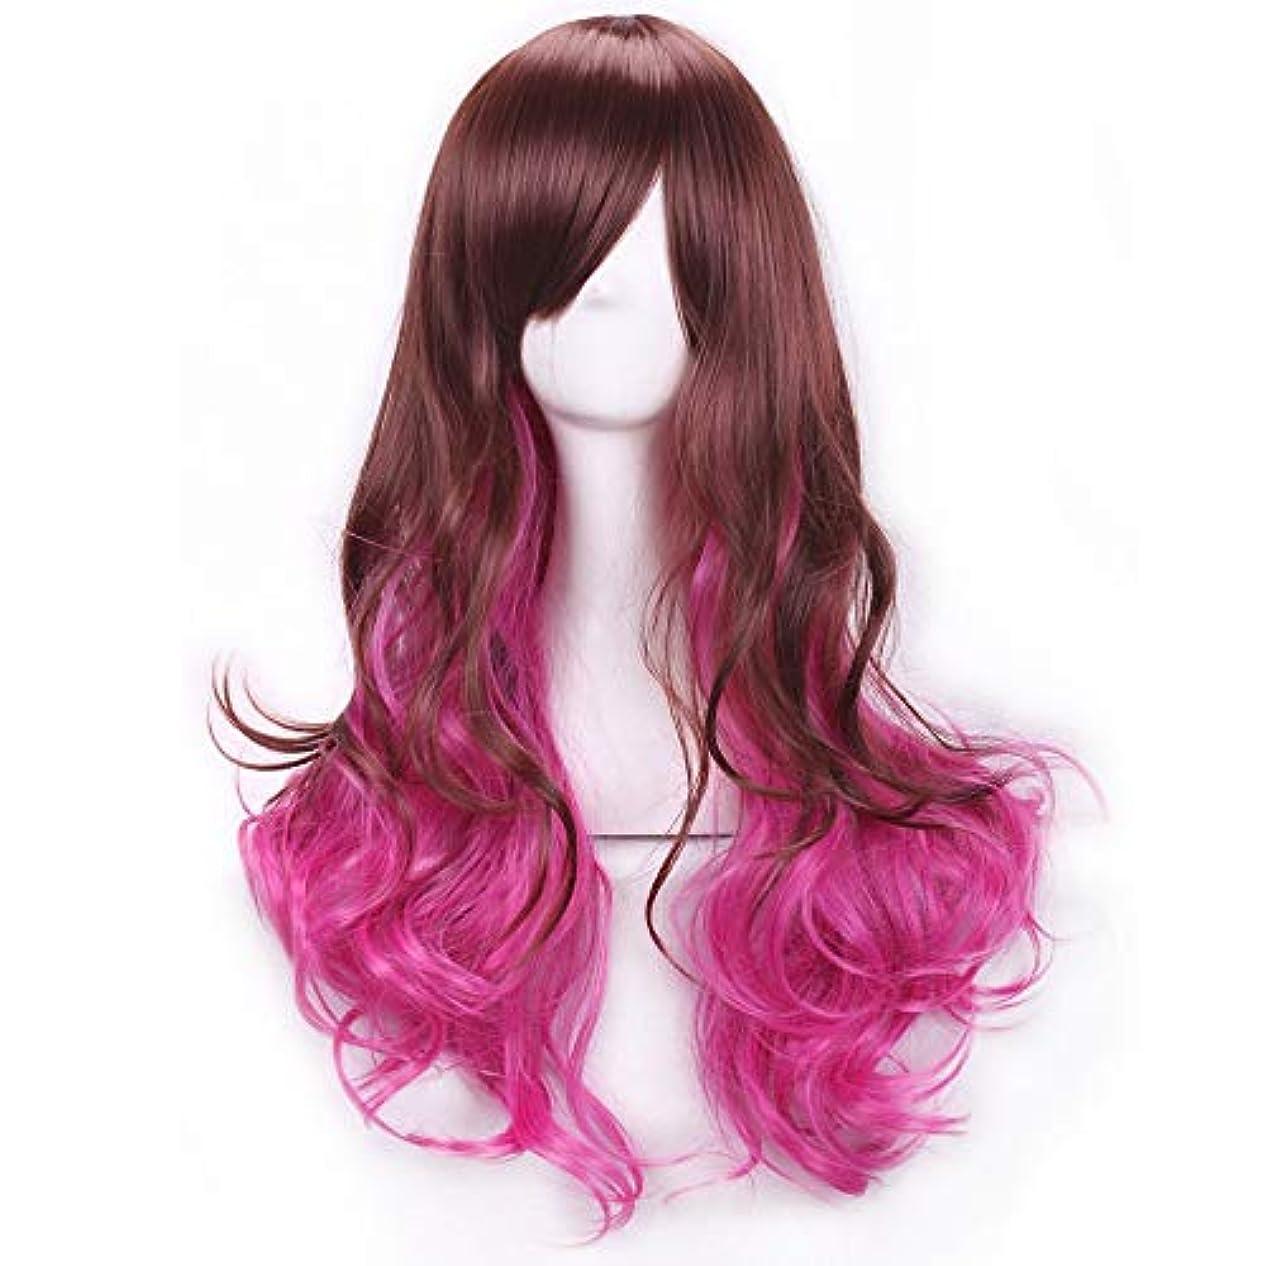 少ない依存シェトランド諸島かつらキャップでかつらファンシードレスカールかつら女性用高品質合成毛髪コスプレ高密度かつら女性&女の子用ブラウン、ピンク、パープル (Color : ピンク)